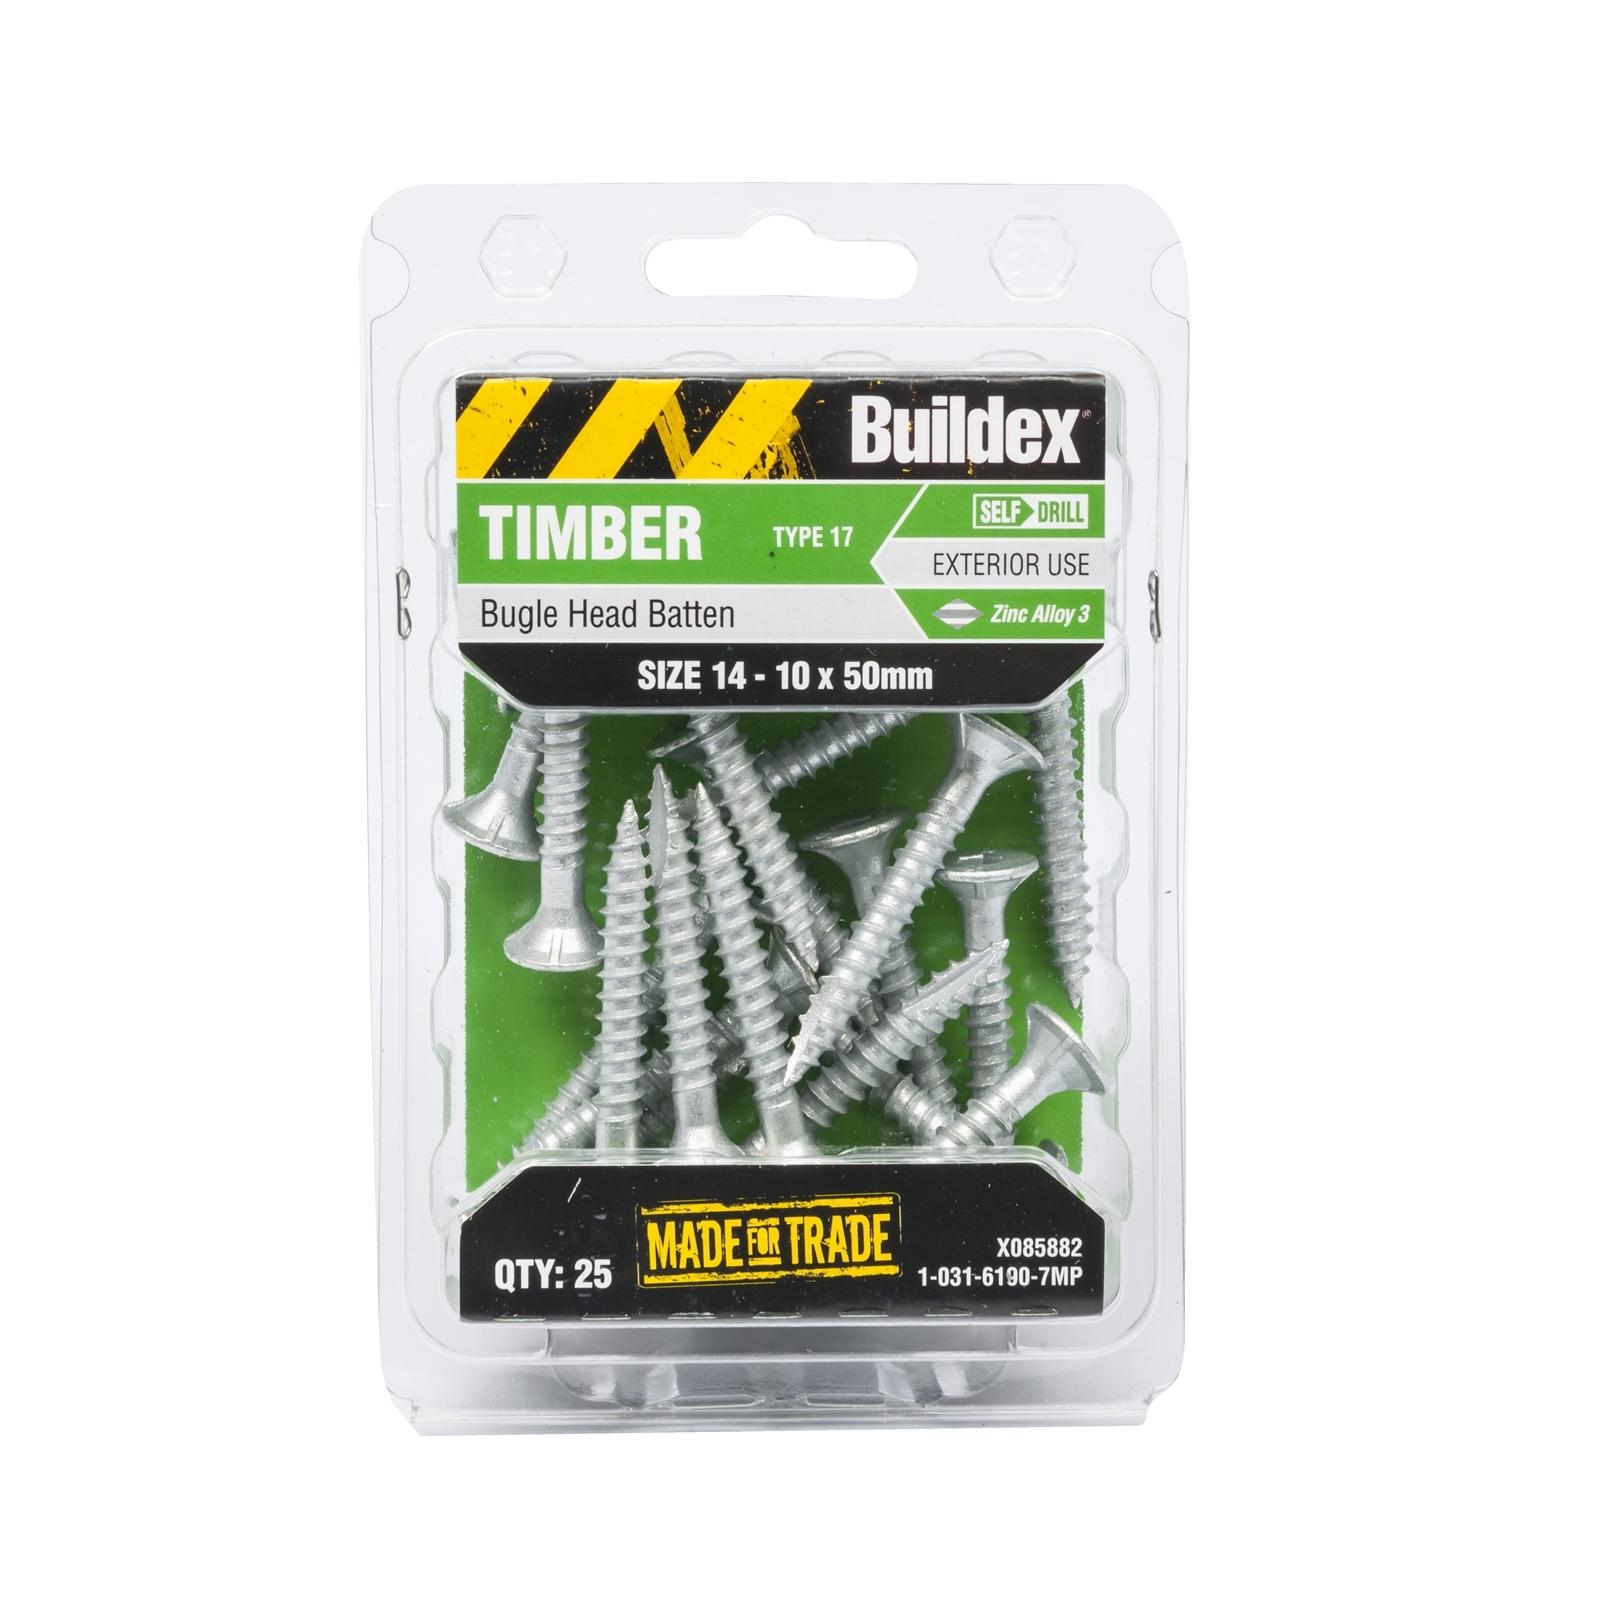 Buildex 14-10 x 50mm Zinc Alloy Bugle Head Batten Timber Screws - 25 Pack